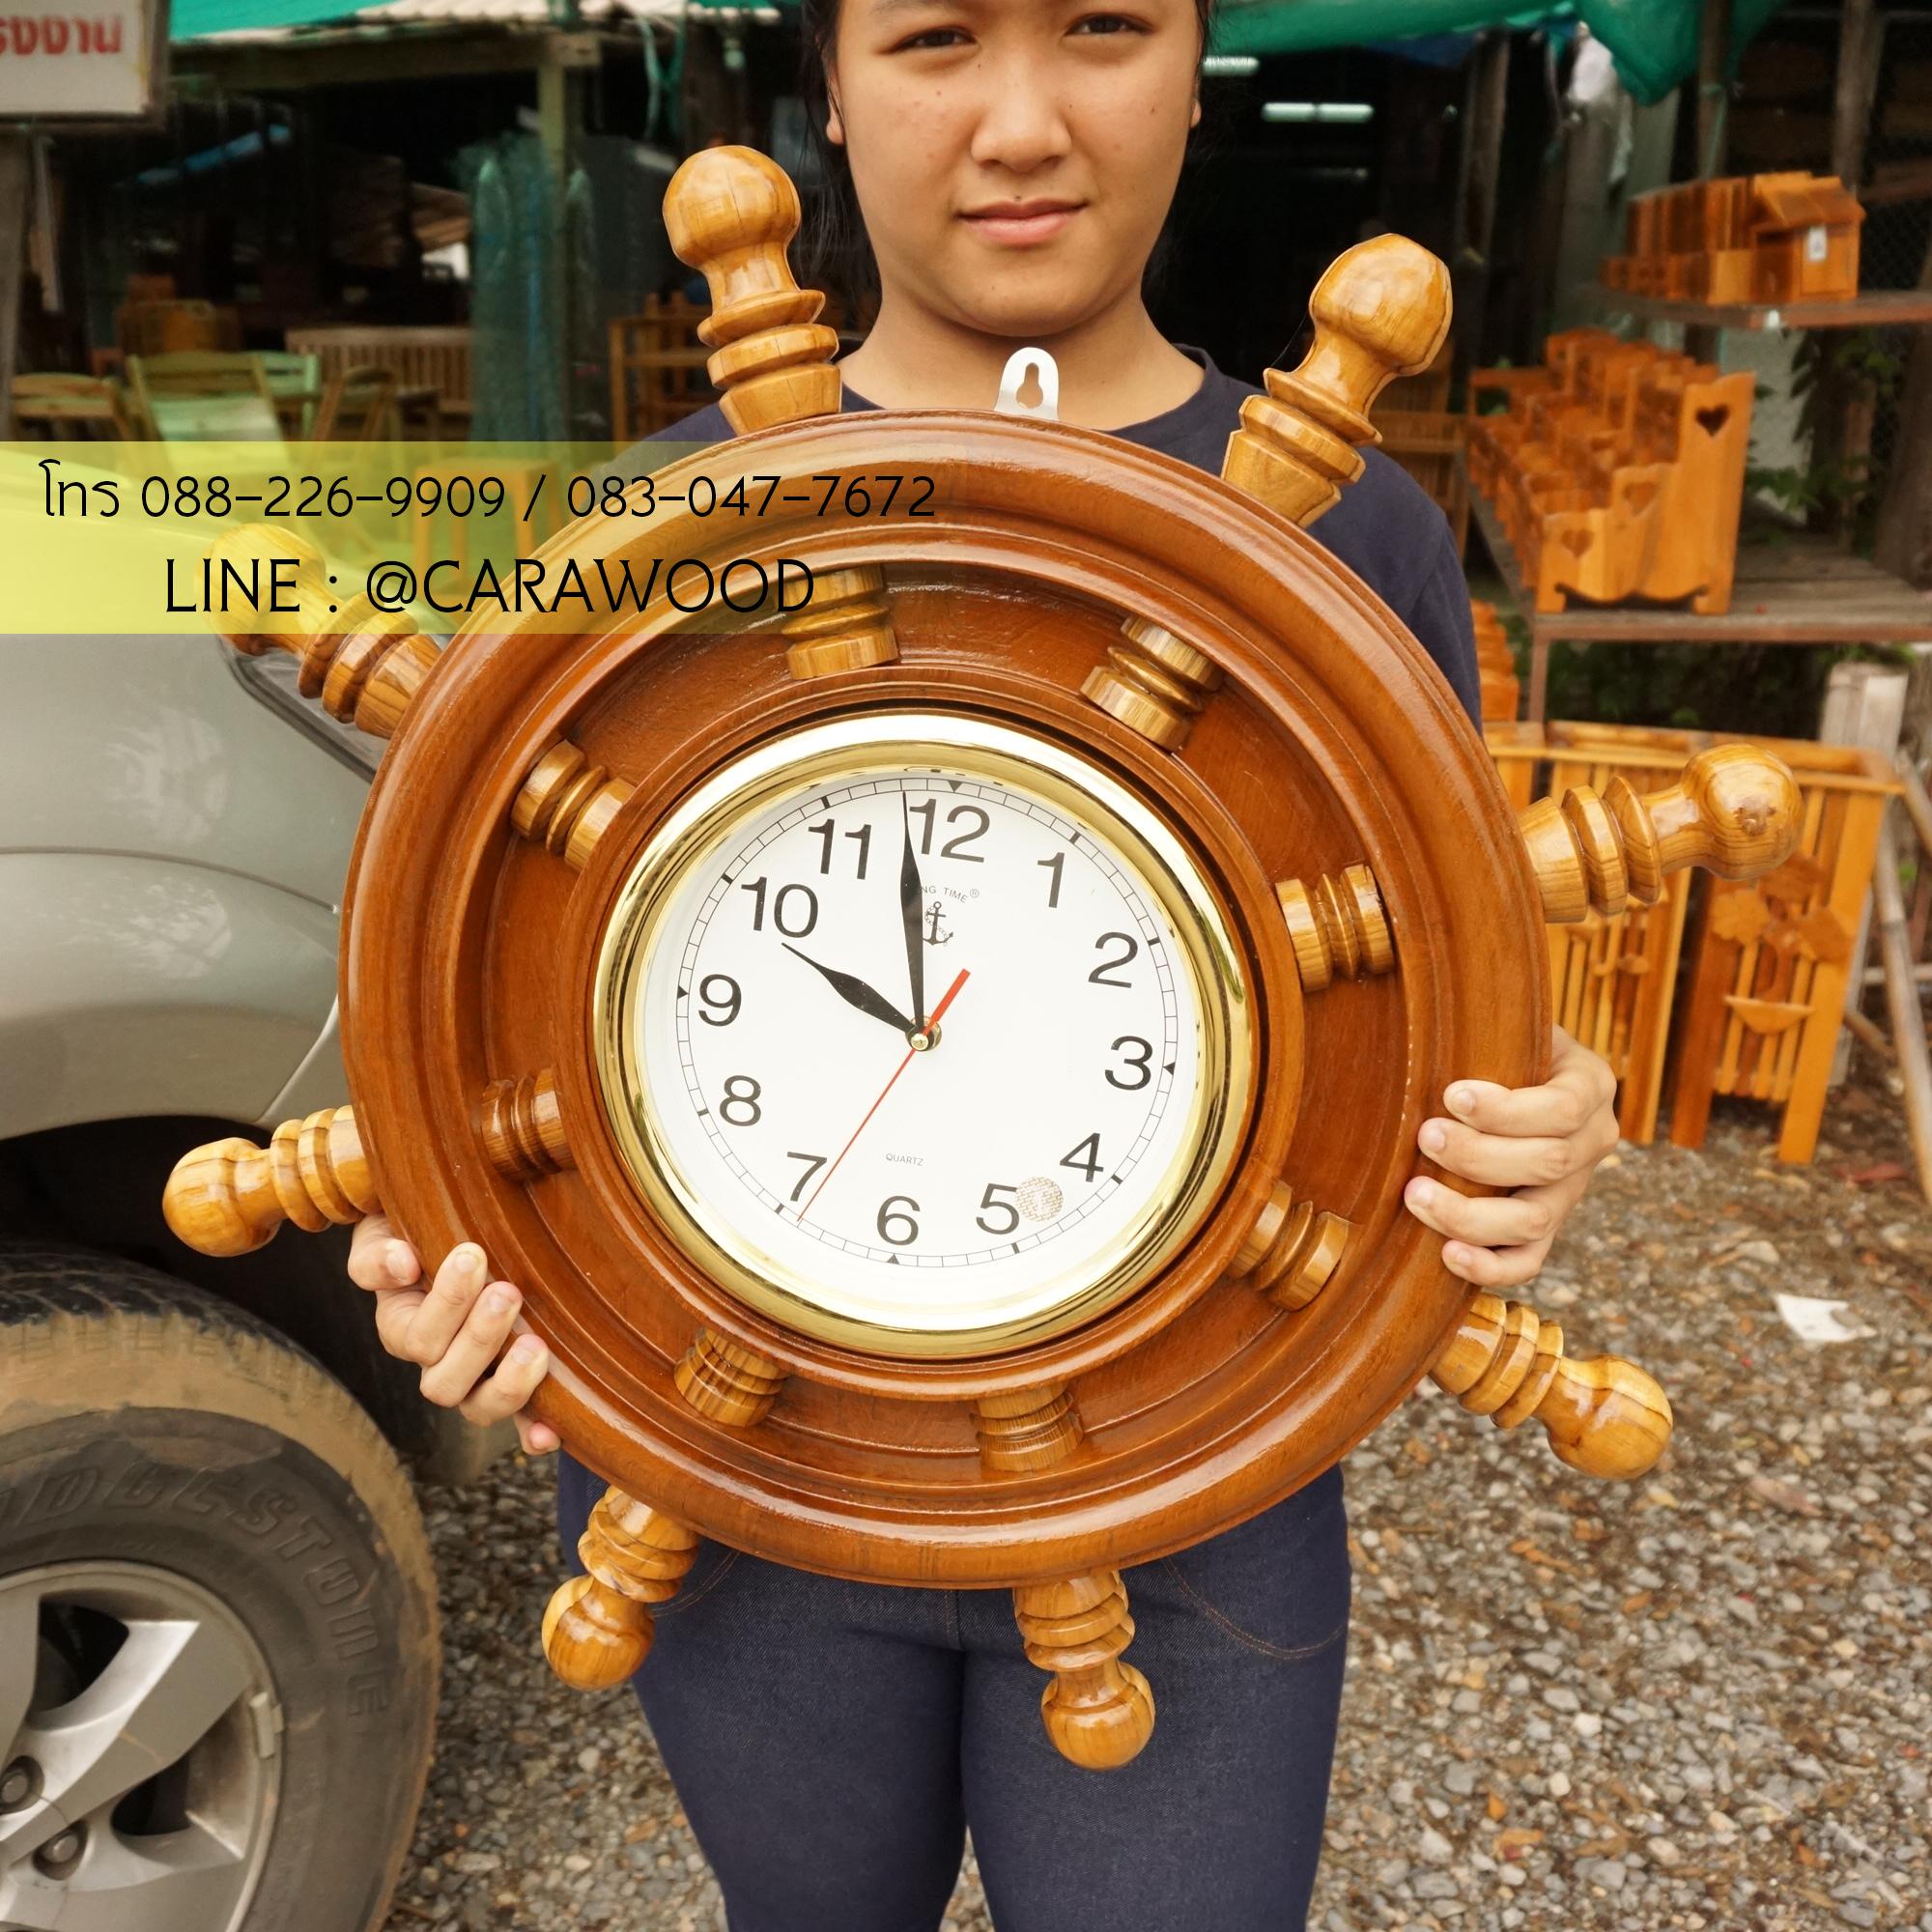 นาฬิกาพวงมาลัยเรือไม้สักทอง 18 นิ้ว